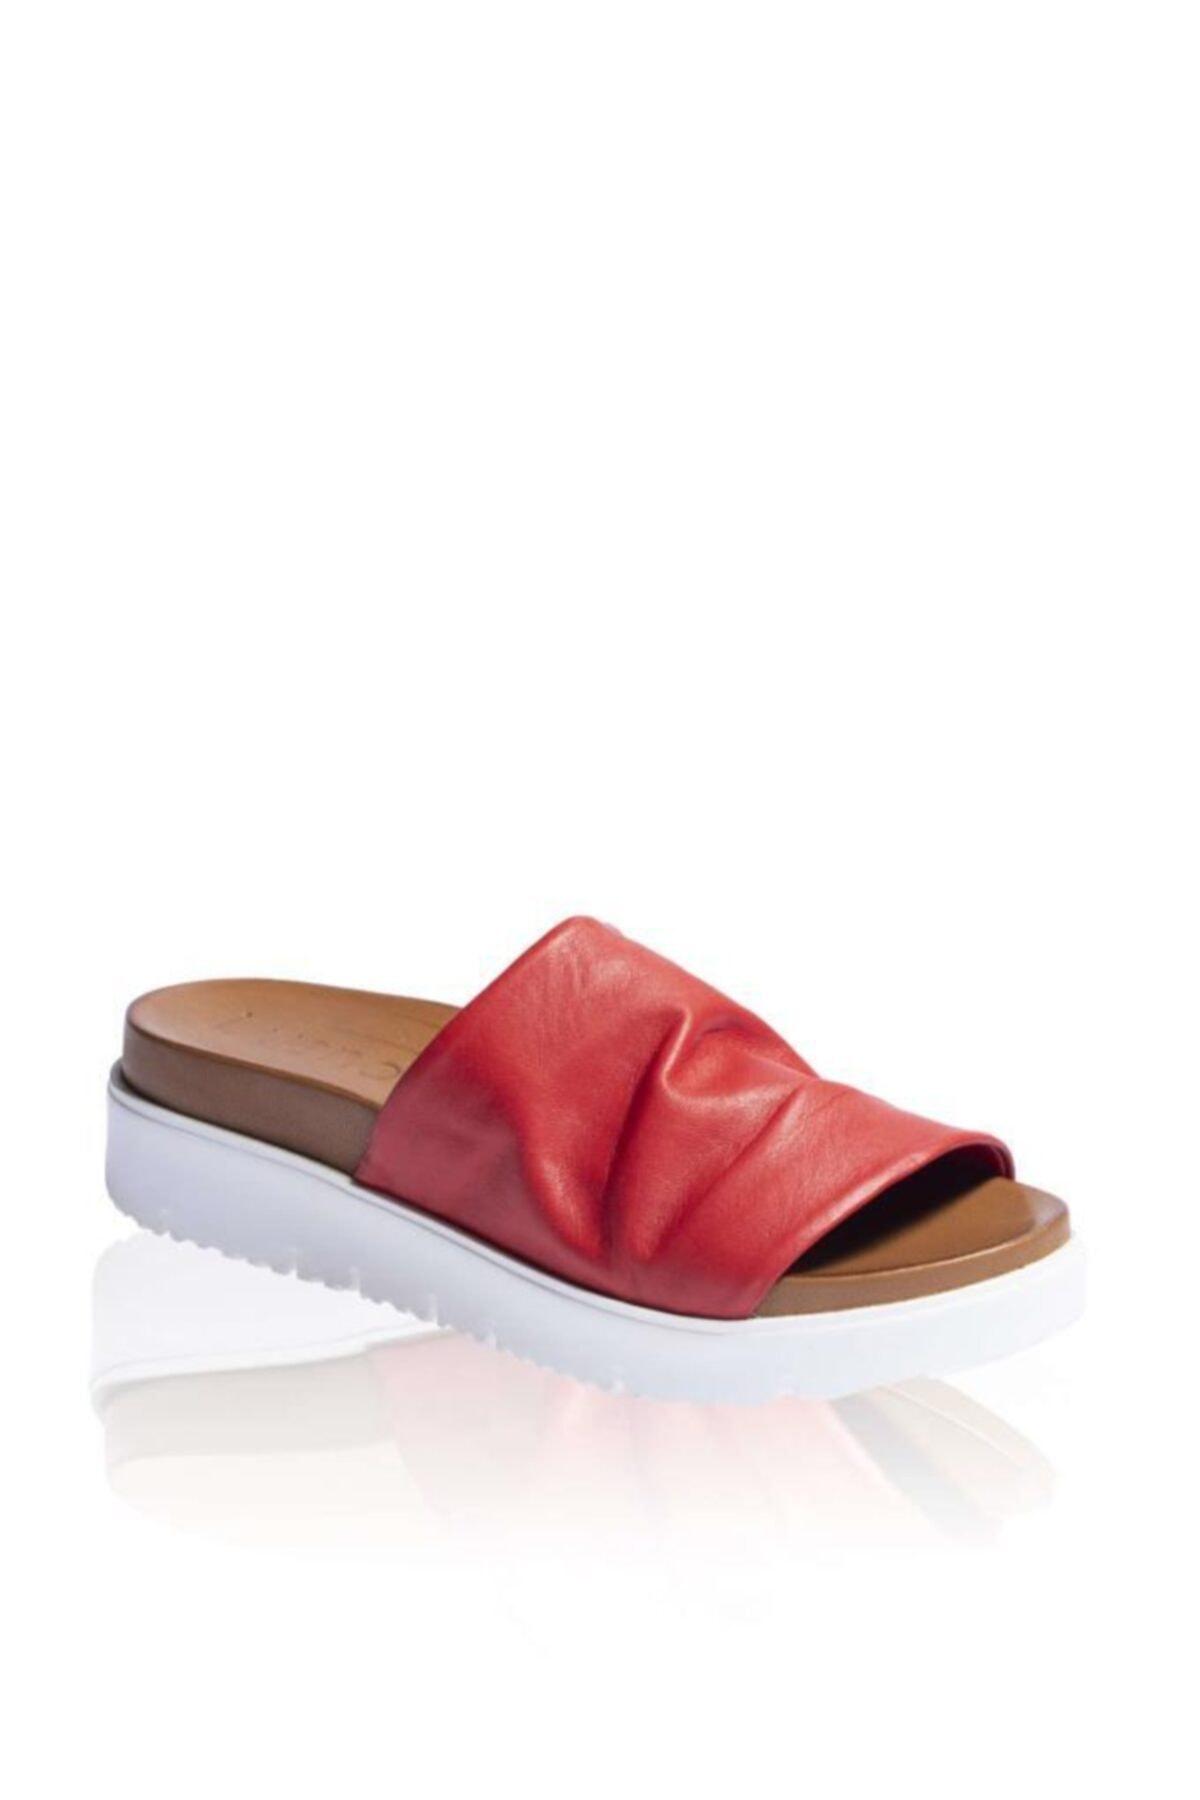 BUENO Shoes Önü Açık Hakiki Deri Kadın Dolgu Topuk Terlik 9n3400 2